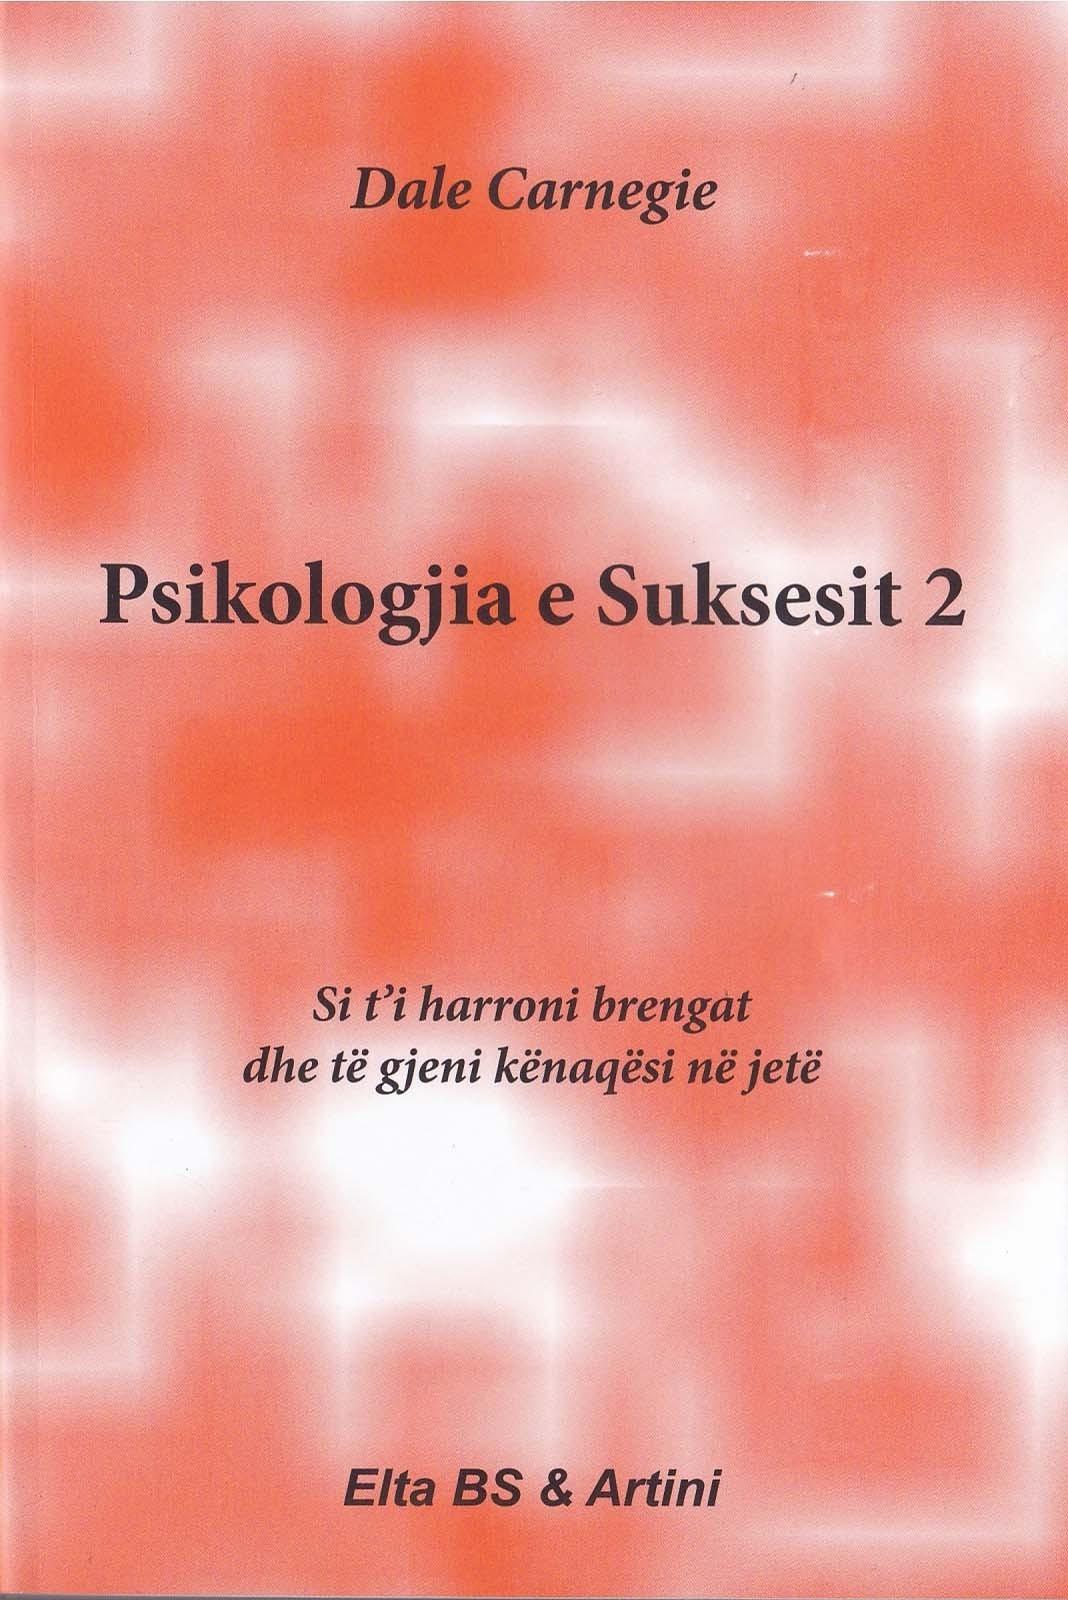 Psikologjia e Suksesit 2